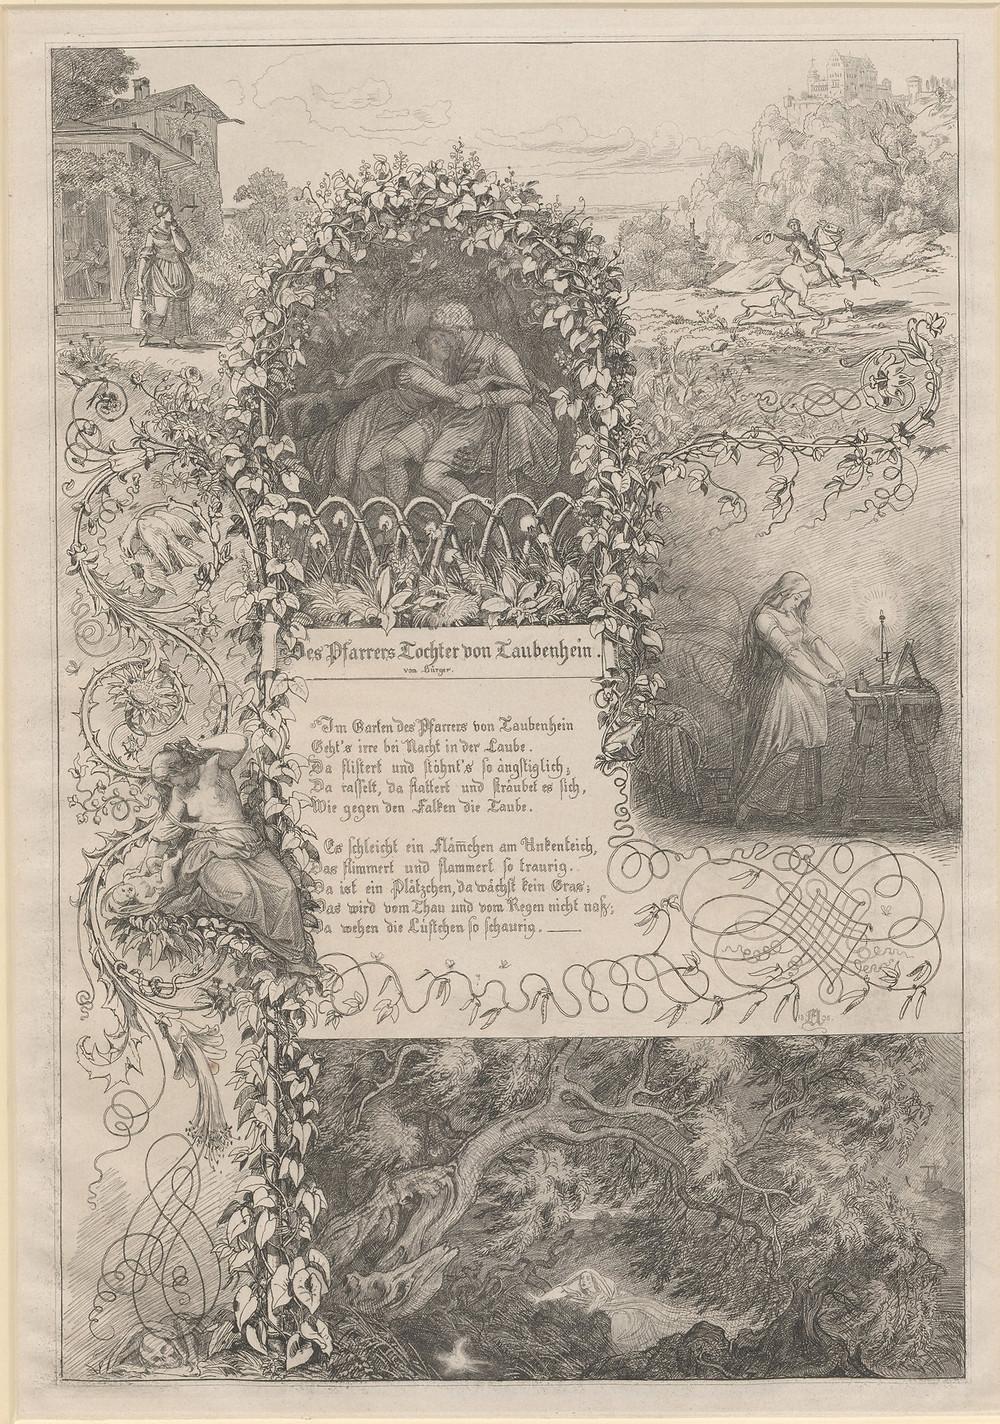 Eugen Napoleon Neureuther, Des Pfarrers Tochter von Taubenhein (!) von Bürger, 1835, 1844